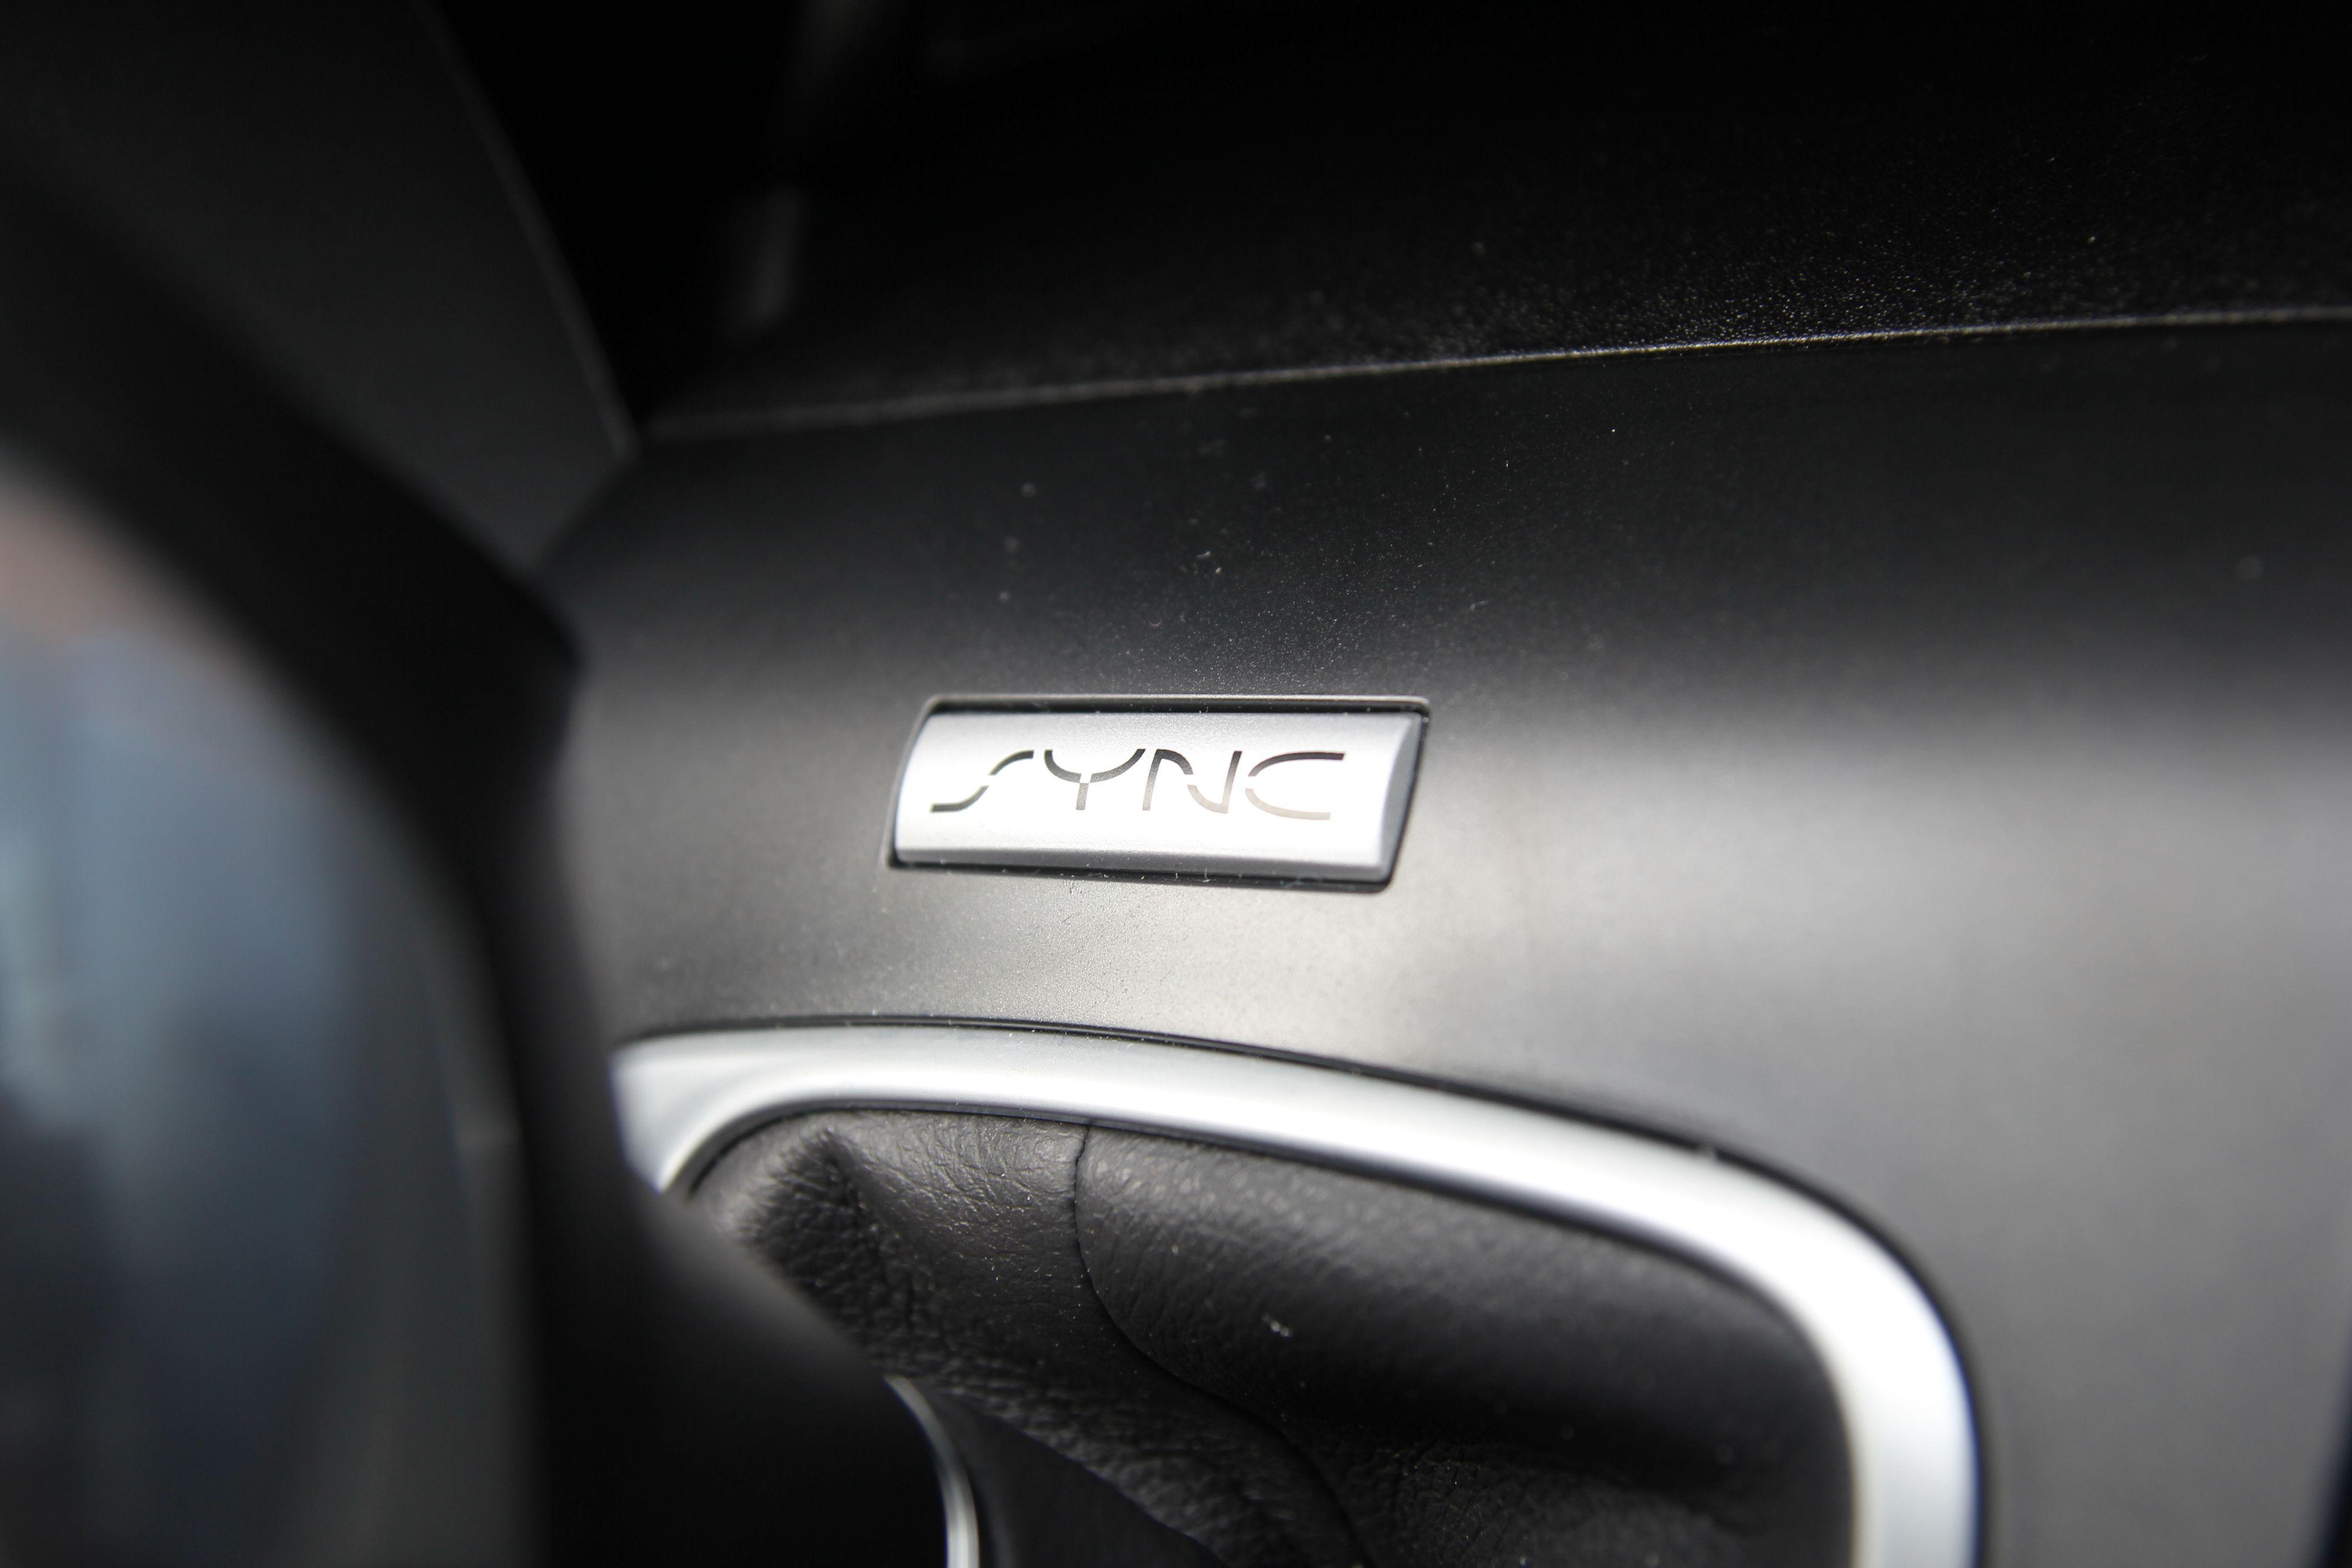 Den originale Sync-logoen har fått en fremtredenede plass like framfor automatgirspaken.